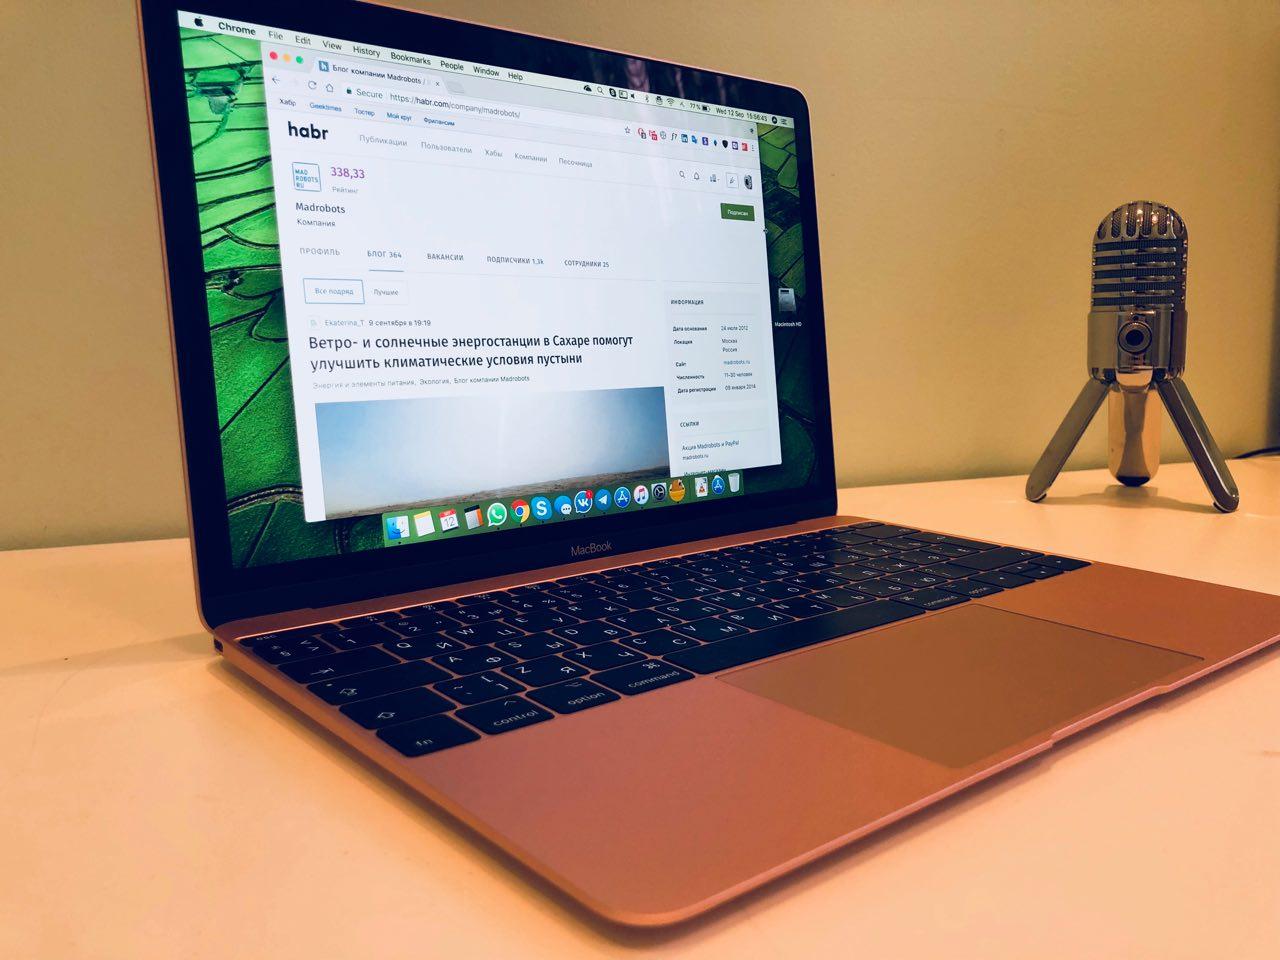 Что не так с «Макбуком»: три важных изменения, которые я надеюсь увидеть в следующем поколении MacBook - 1